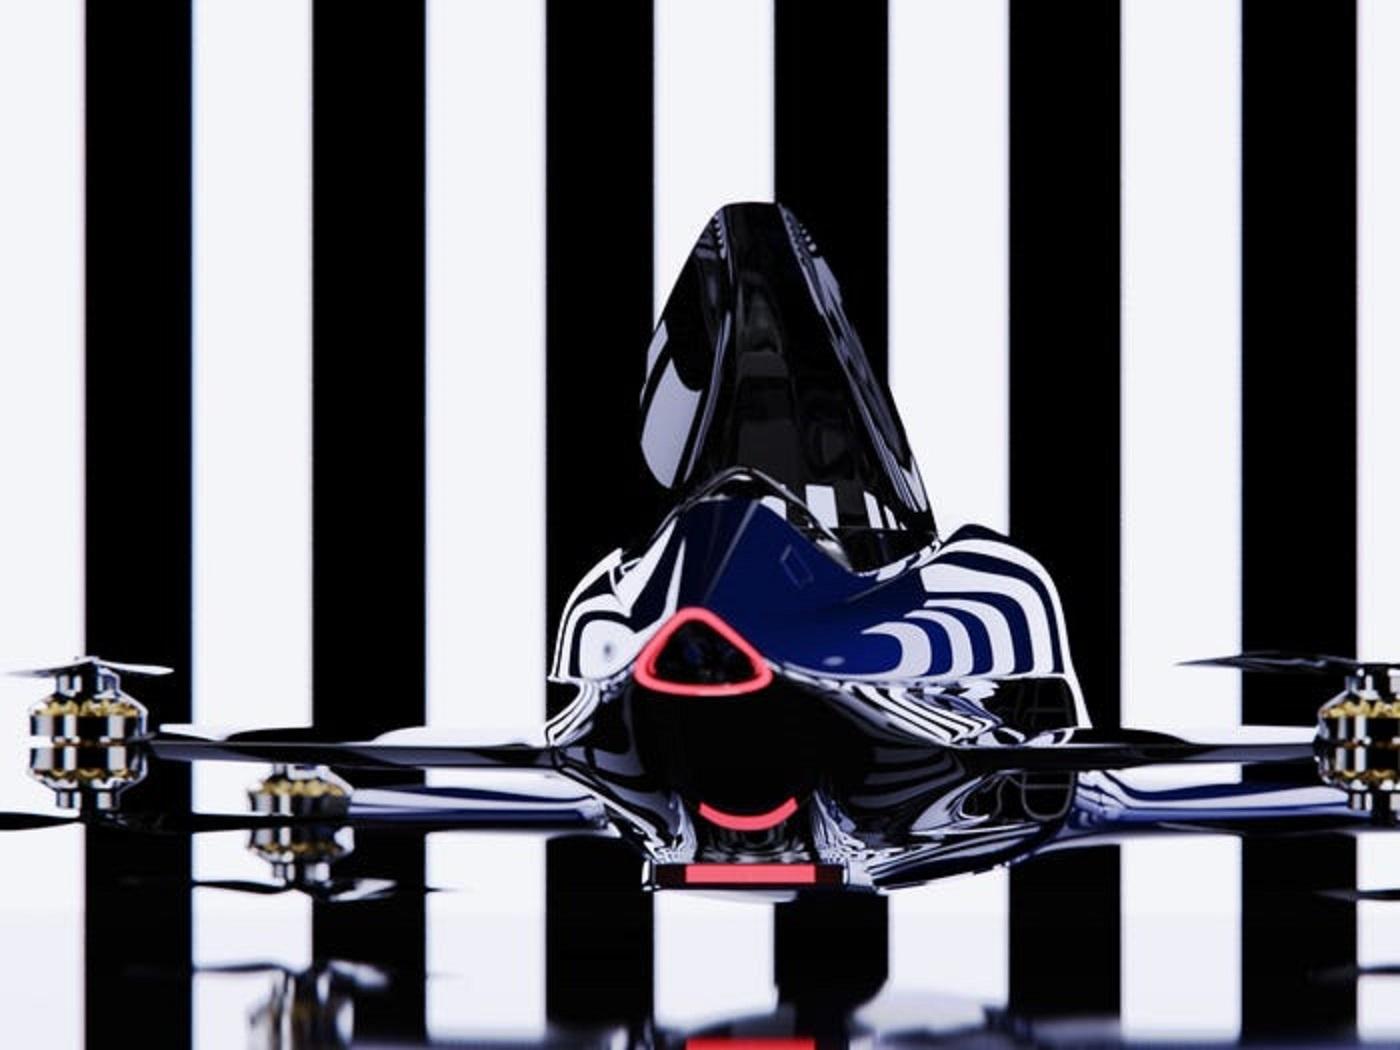 Giải đua xe bay đầu tiên trong lịch sử sắp diễn ra trong năm nay